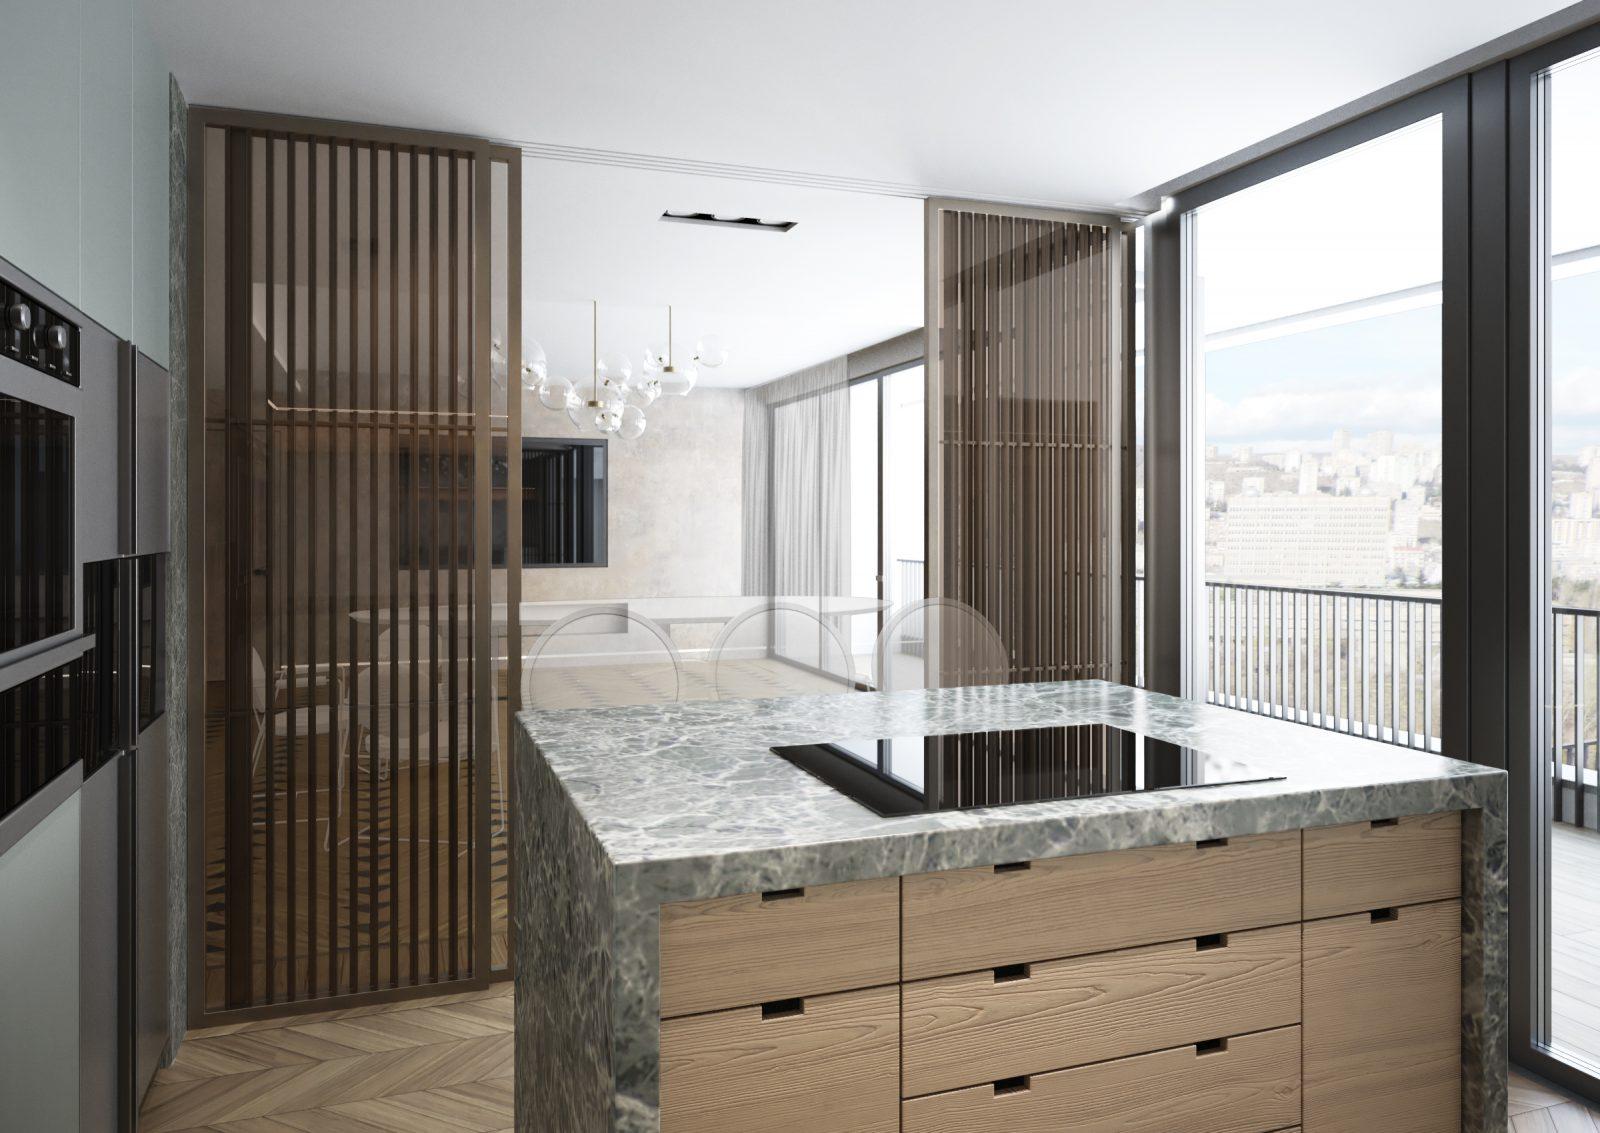 Isola cucina retrò anni '70 in marmo verde e metallo bronzato